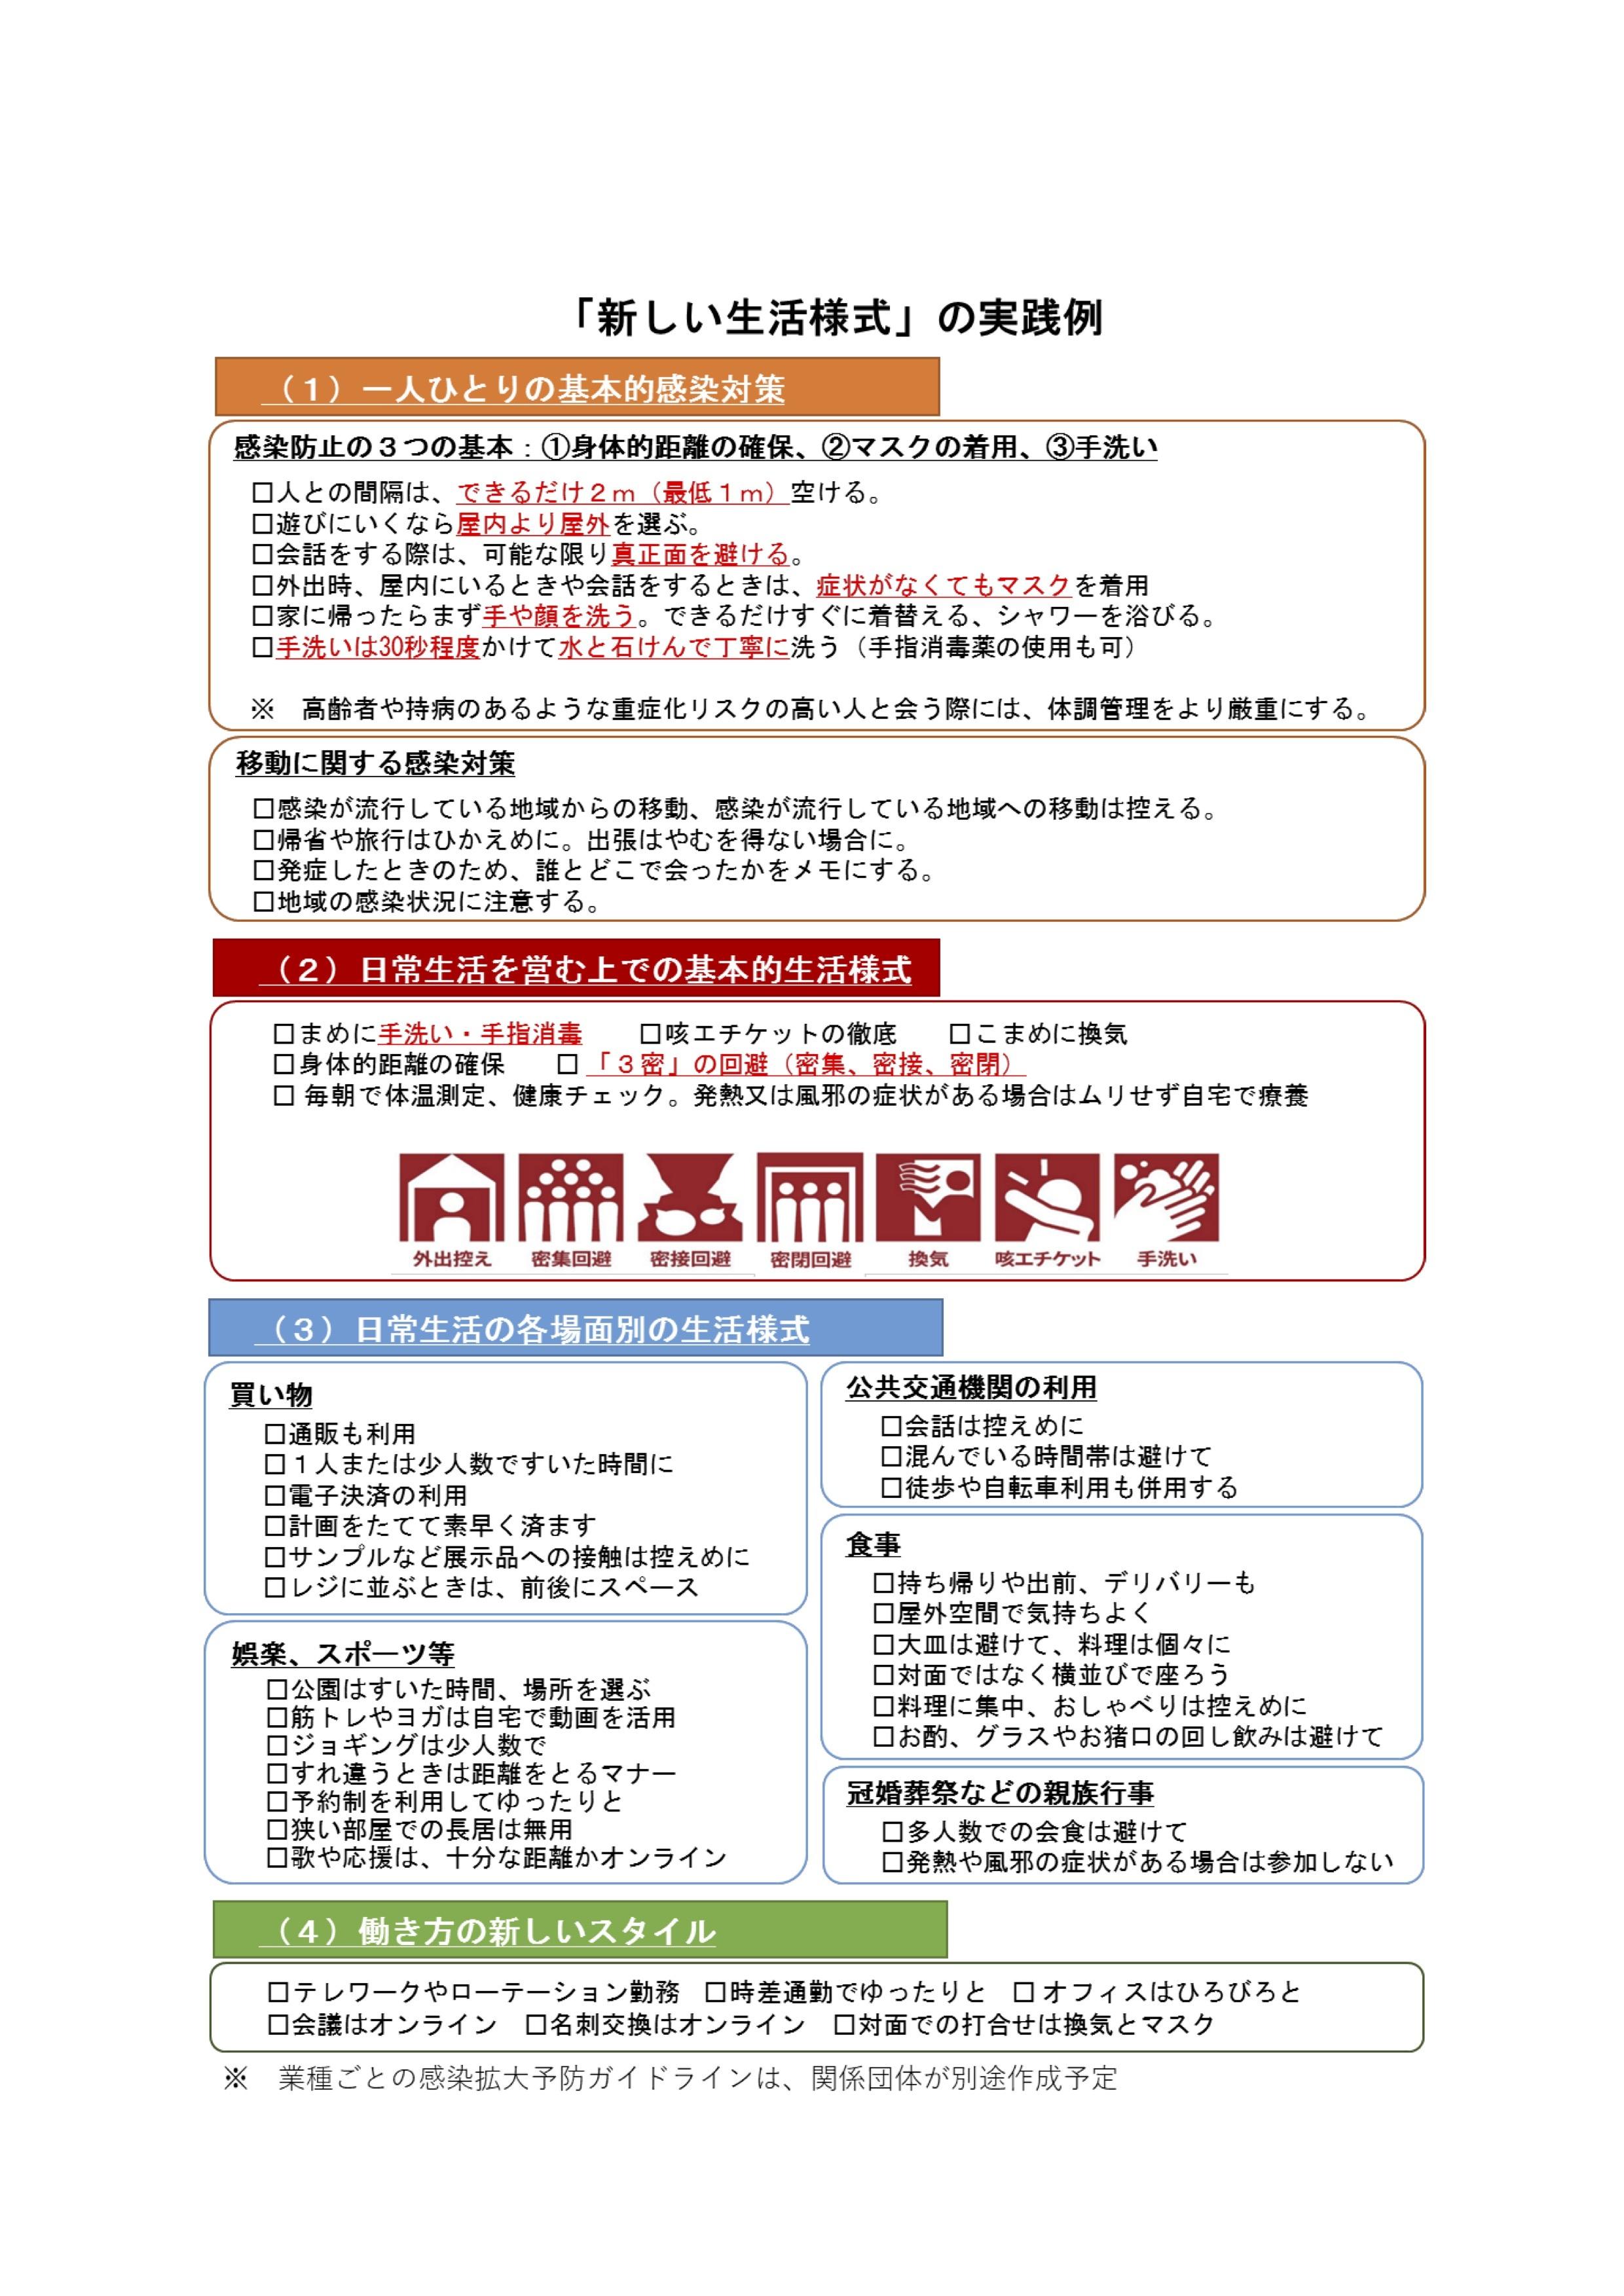 atarashii_seikatsu.jpg